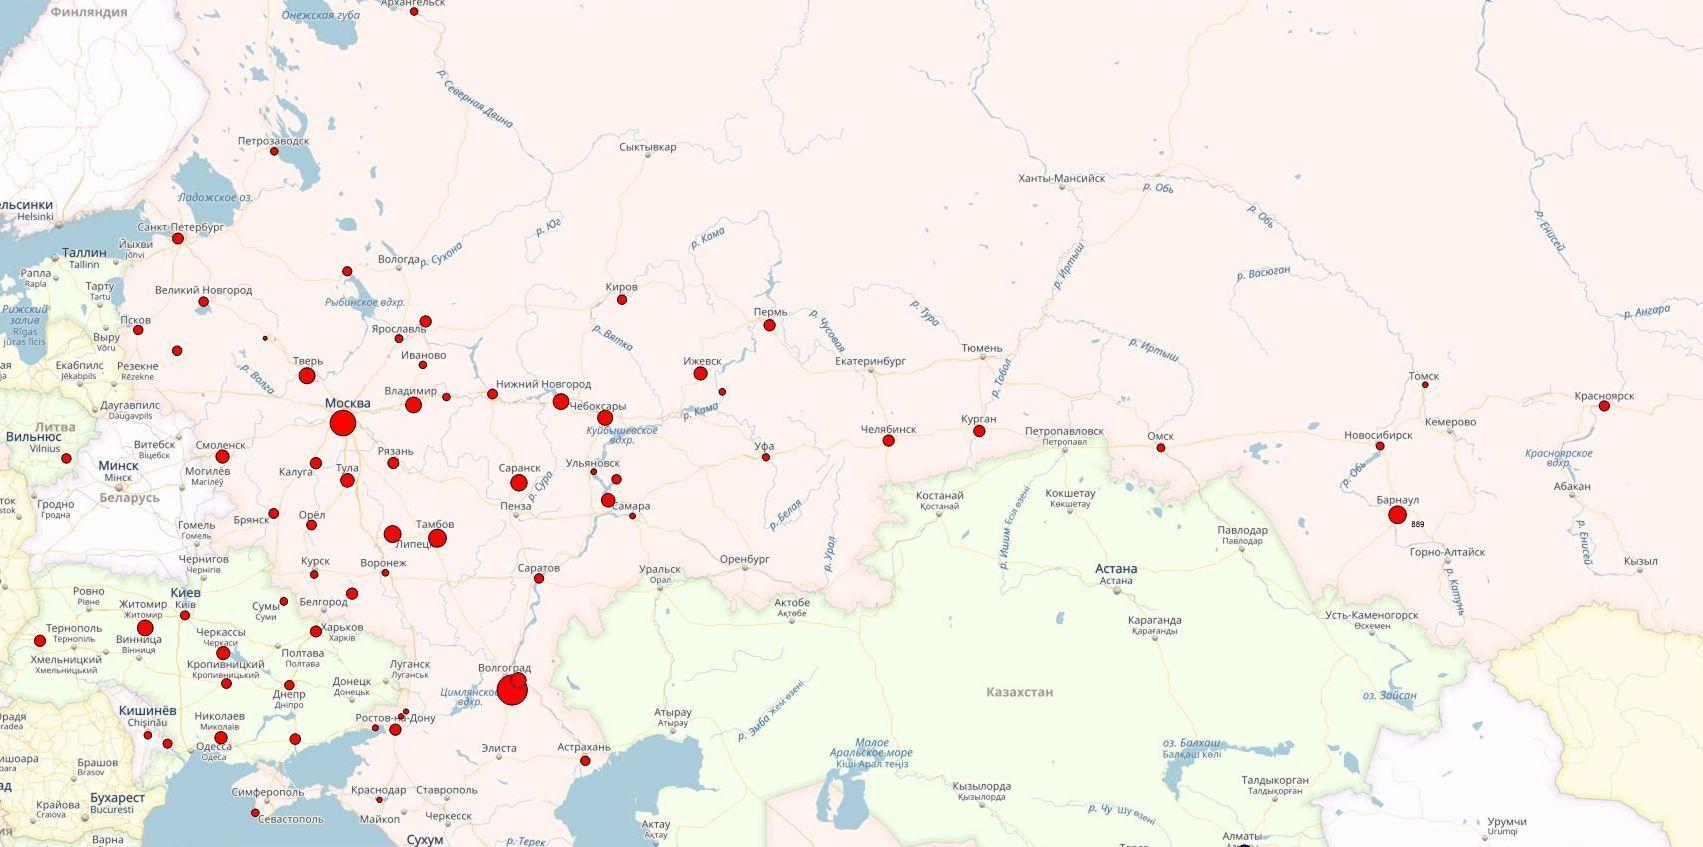 Карта размещения колл-центров